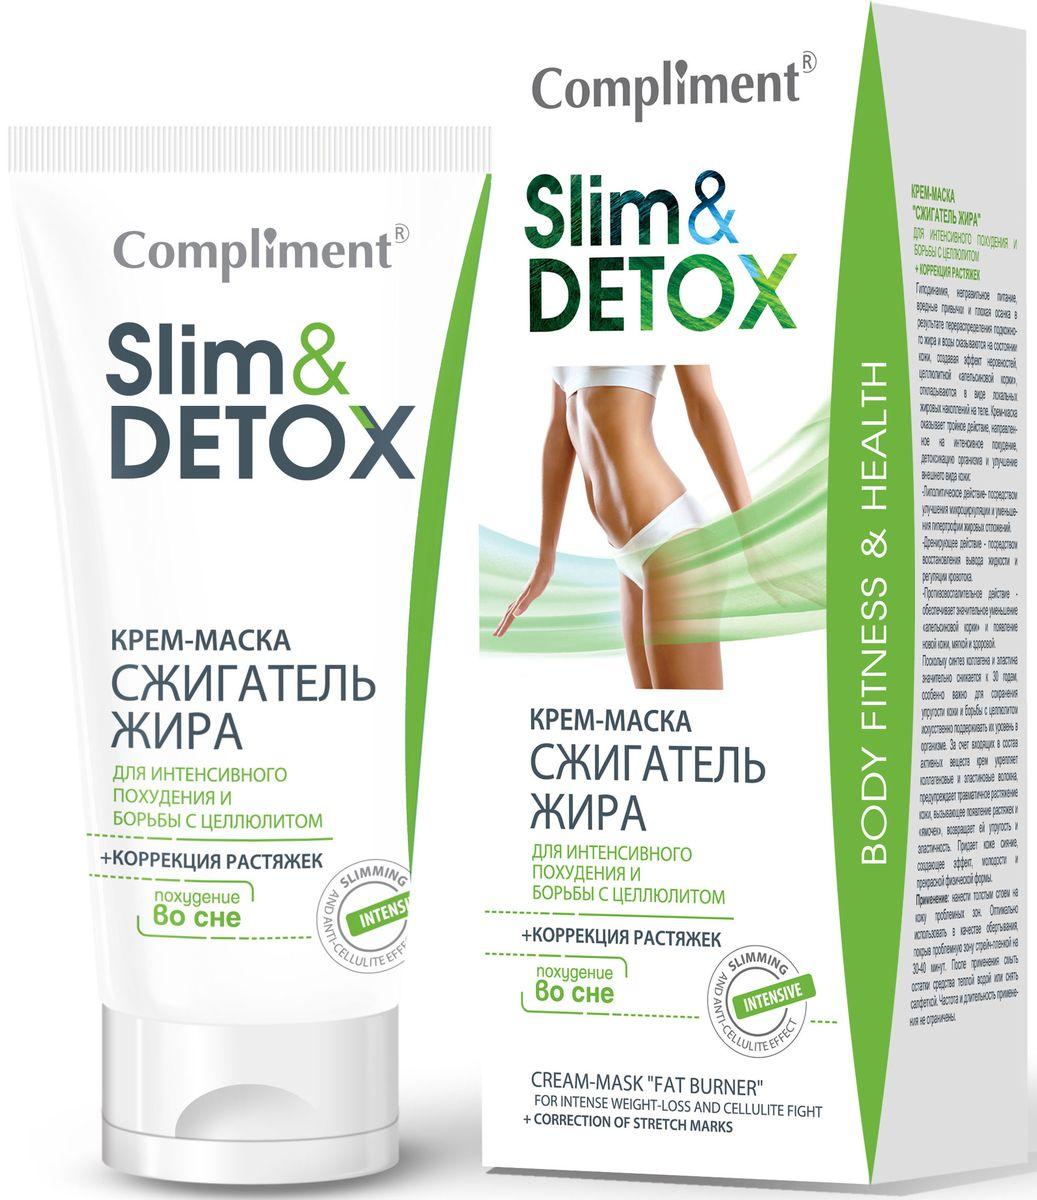 Compliment Slim&Detox Крем-маска Сжигатель жира, 200 мл nature полиматричный крем эластин